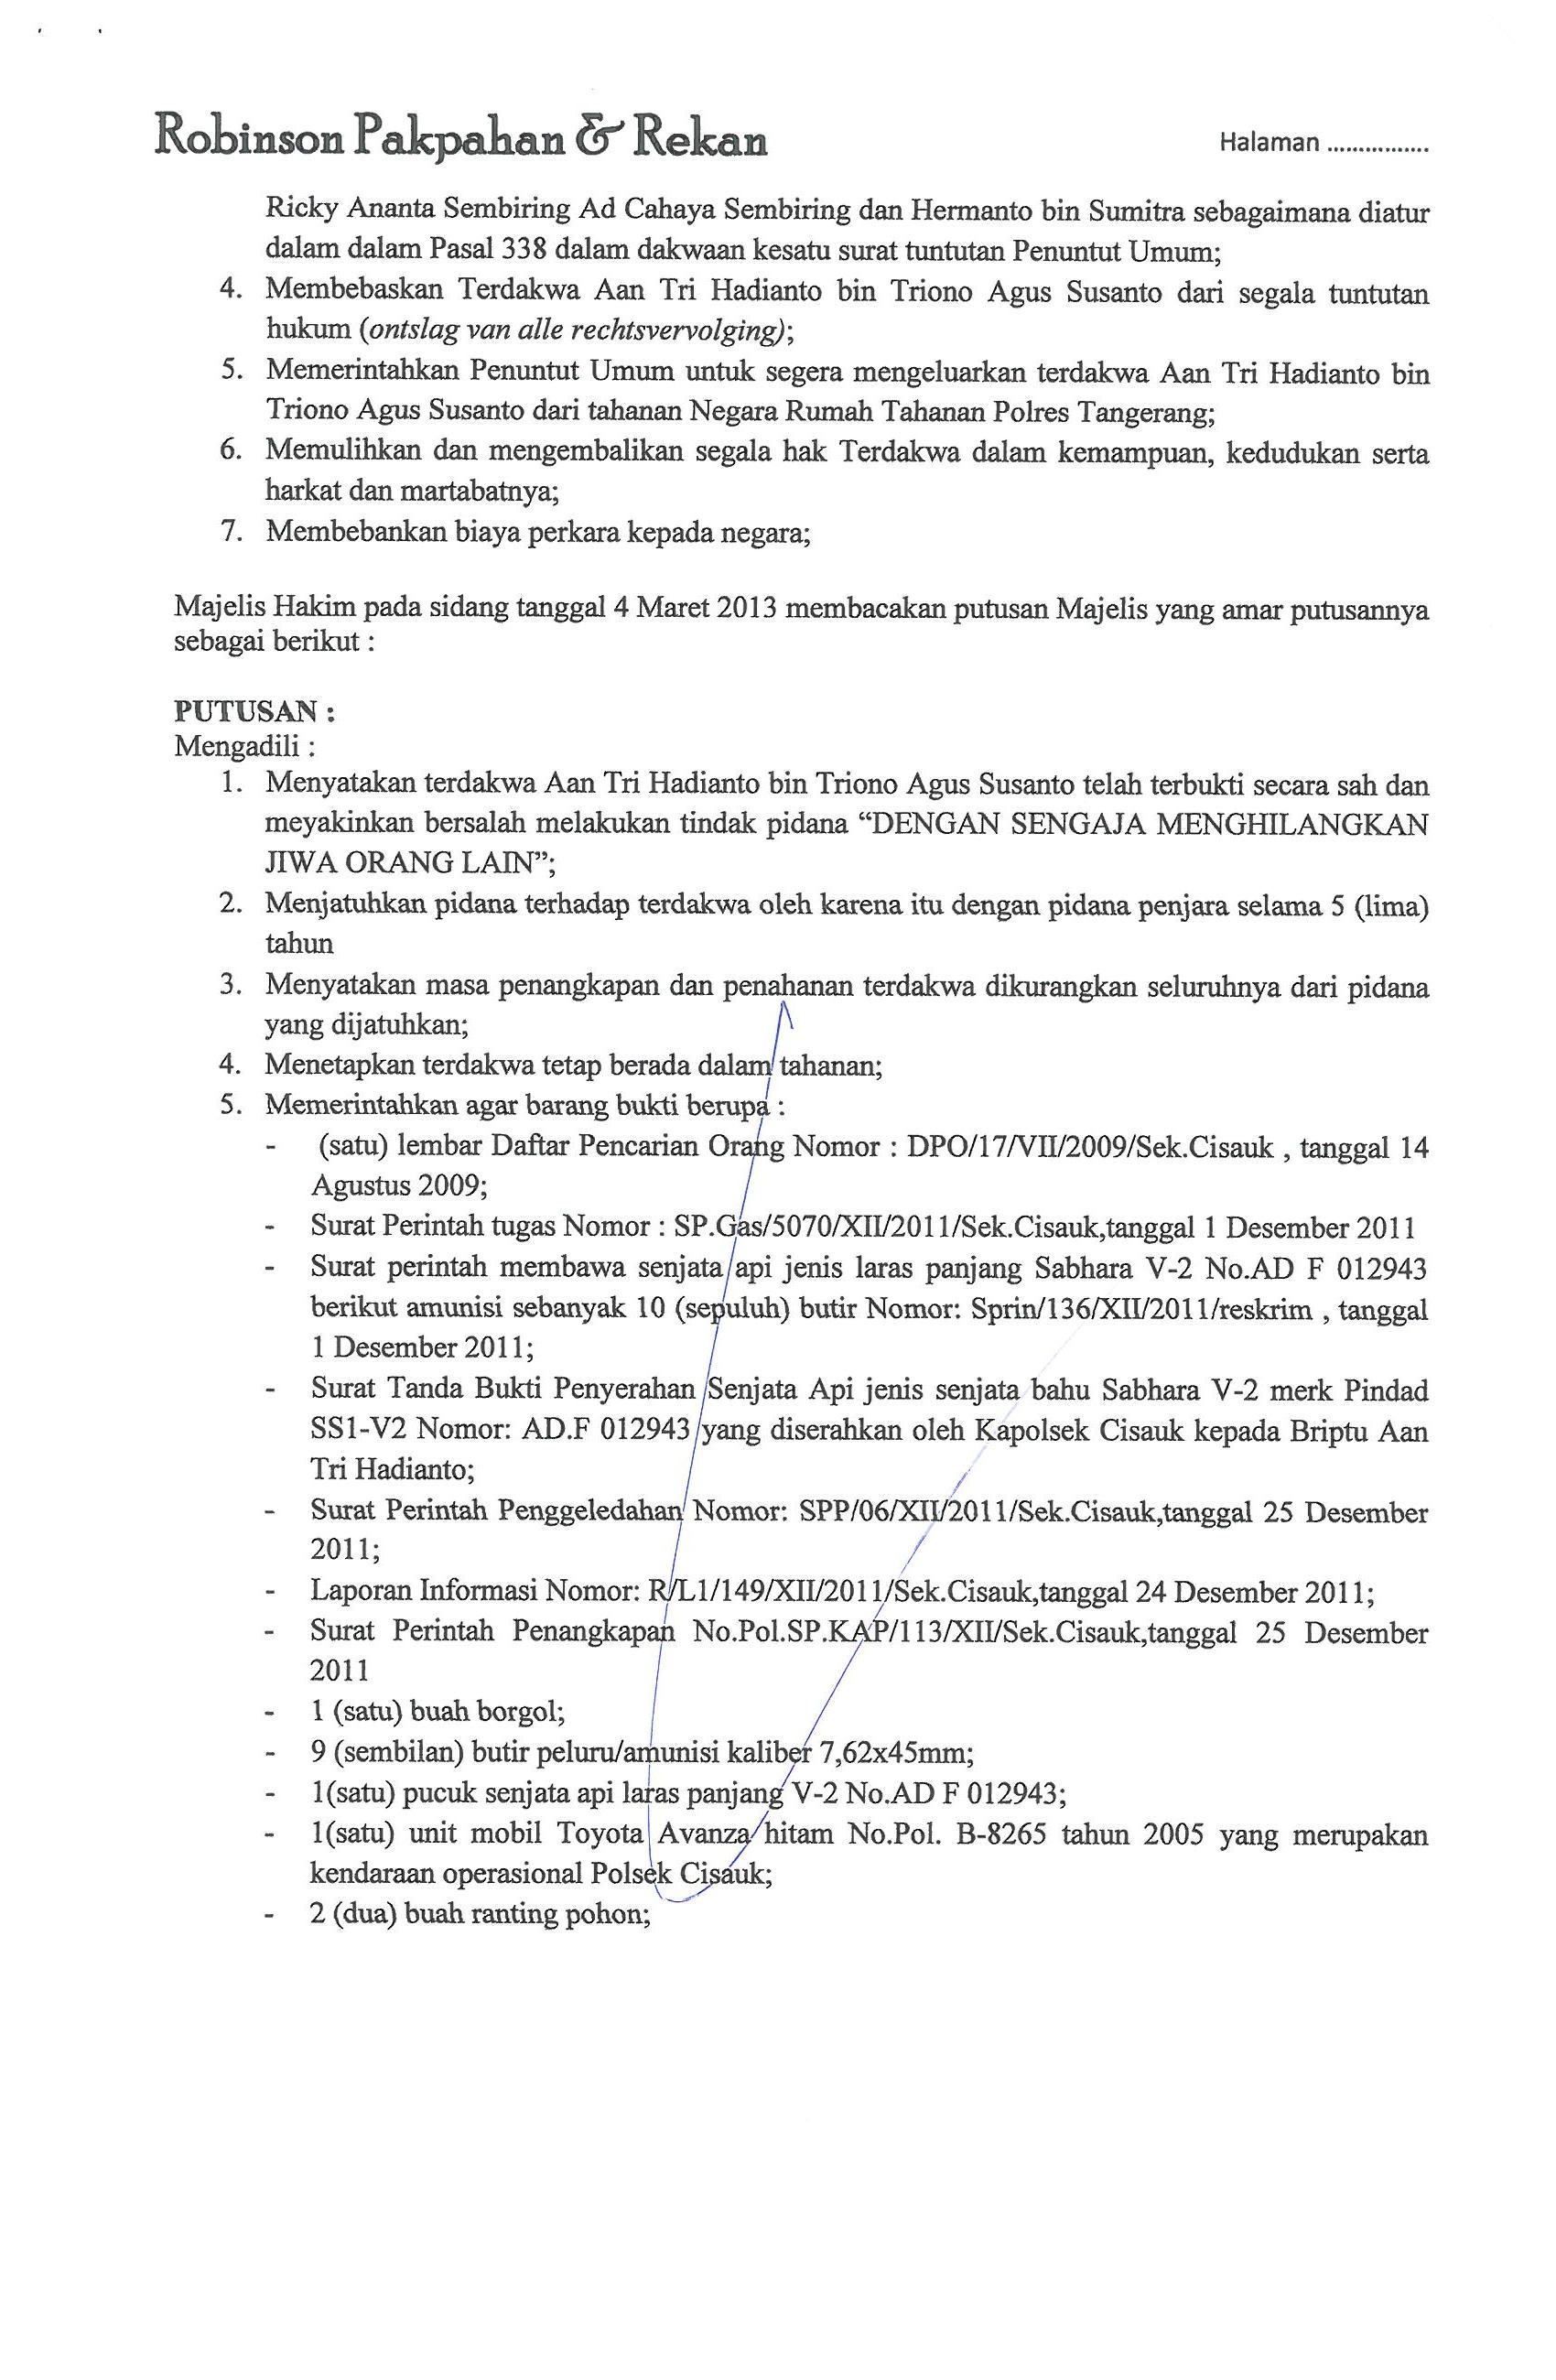 Contoh Surat Permohonan Mediasi Sengketa Tanah Kumpulan Surat Penting